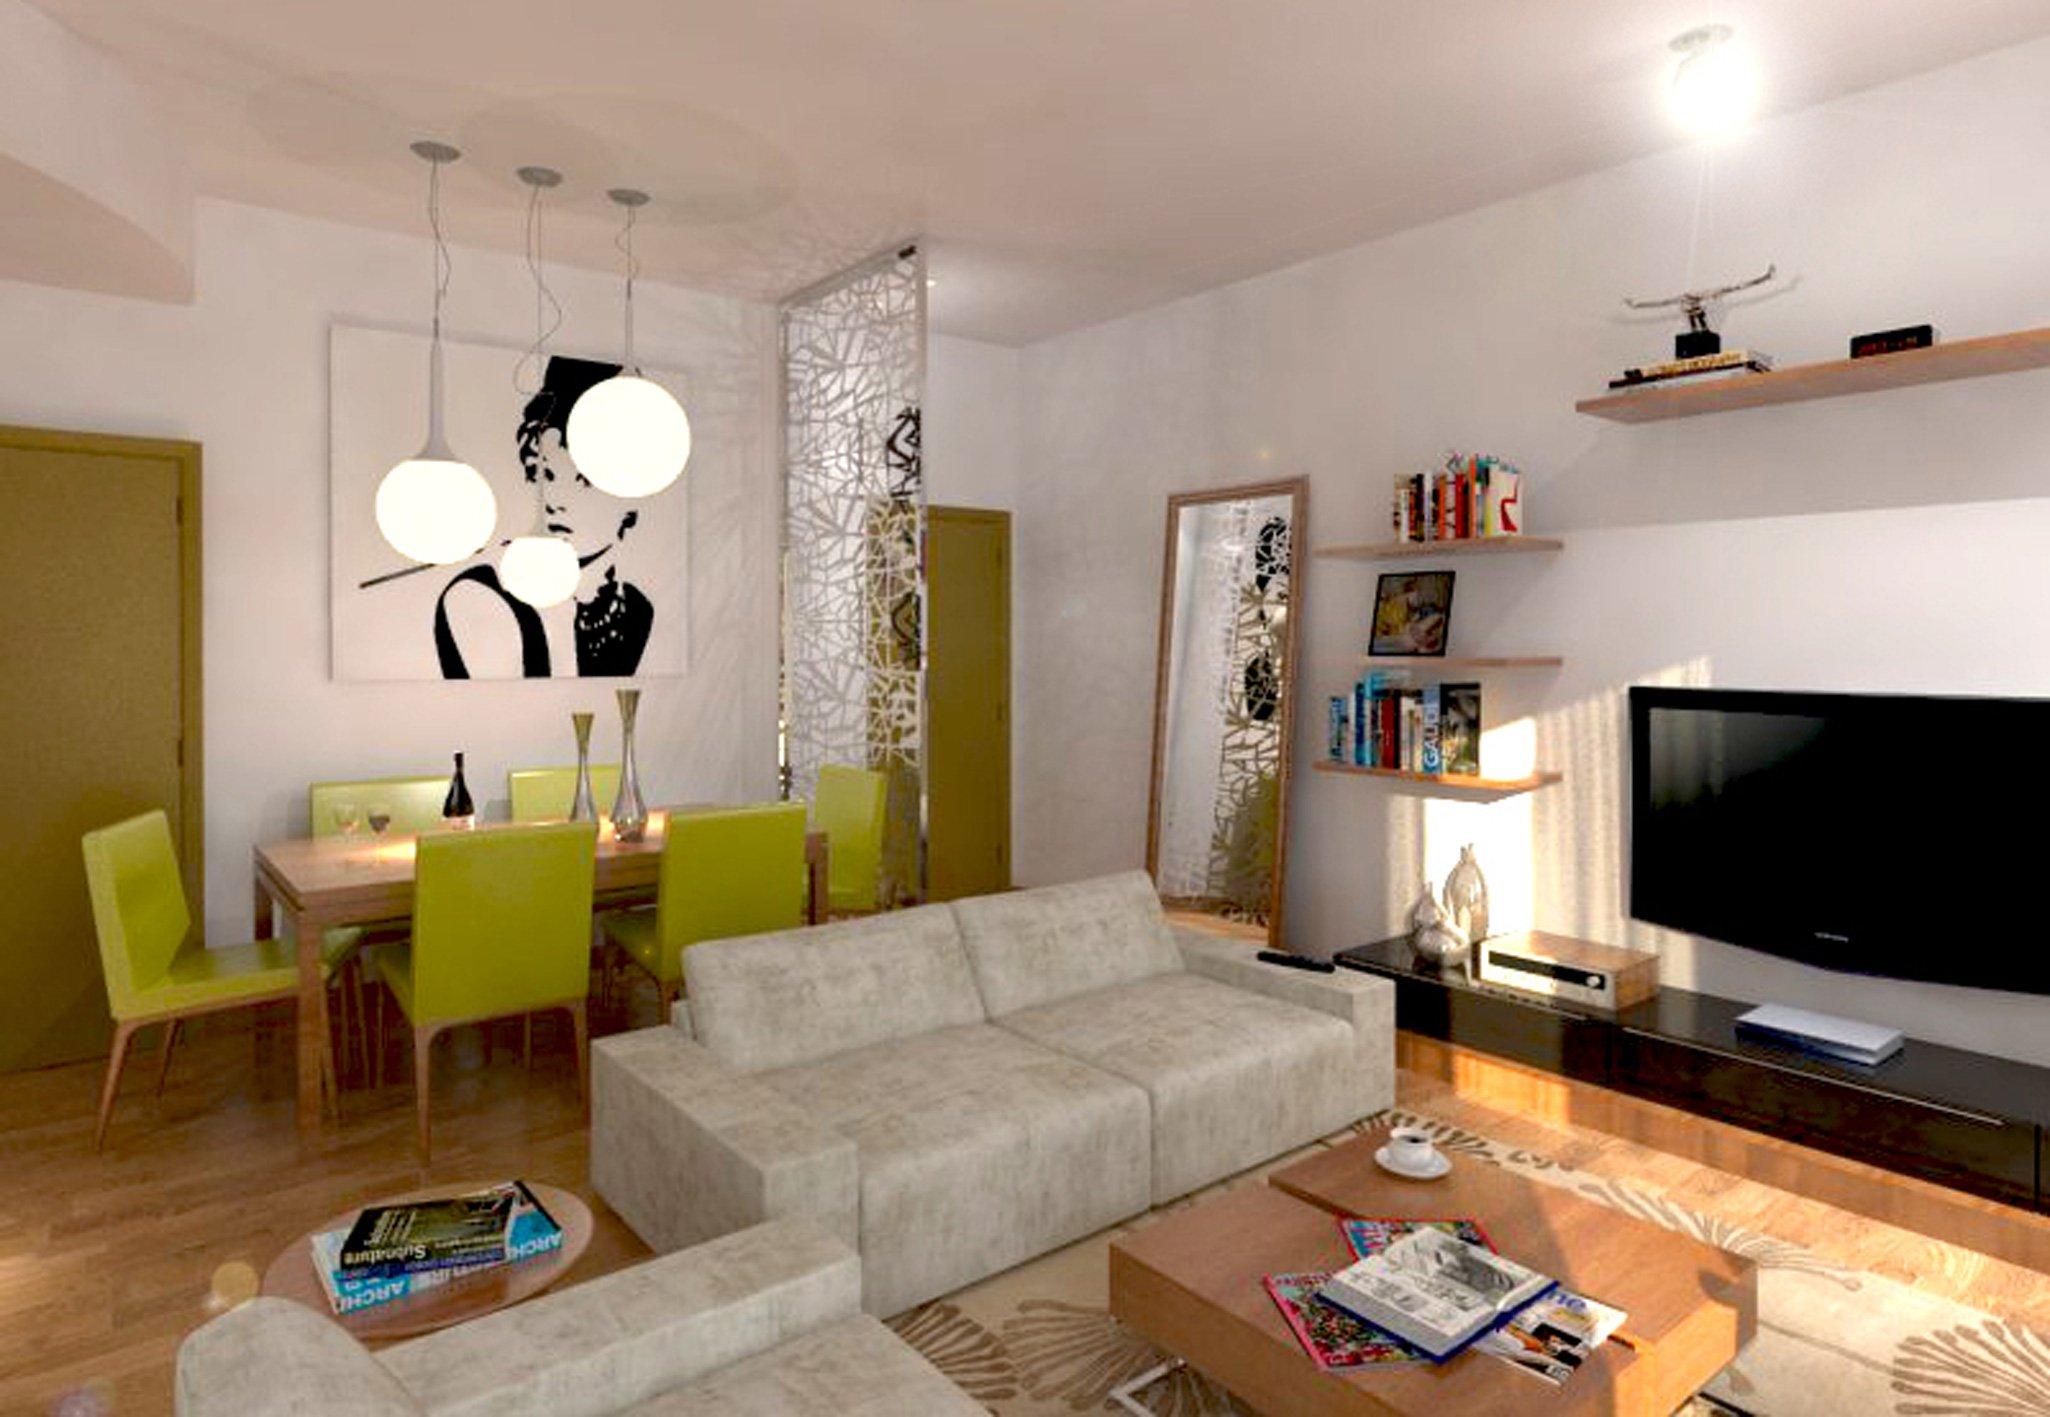 Divano Luci E Tavolo: Quale Disposizione? Cose Di Casa #68451B 2050 1417 Lampadario Per Sala Da Pranzo